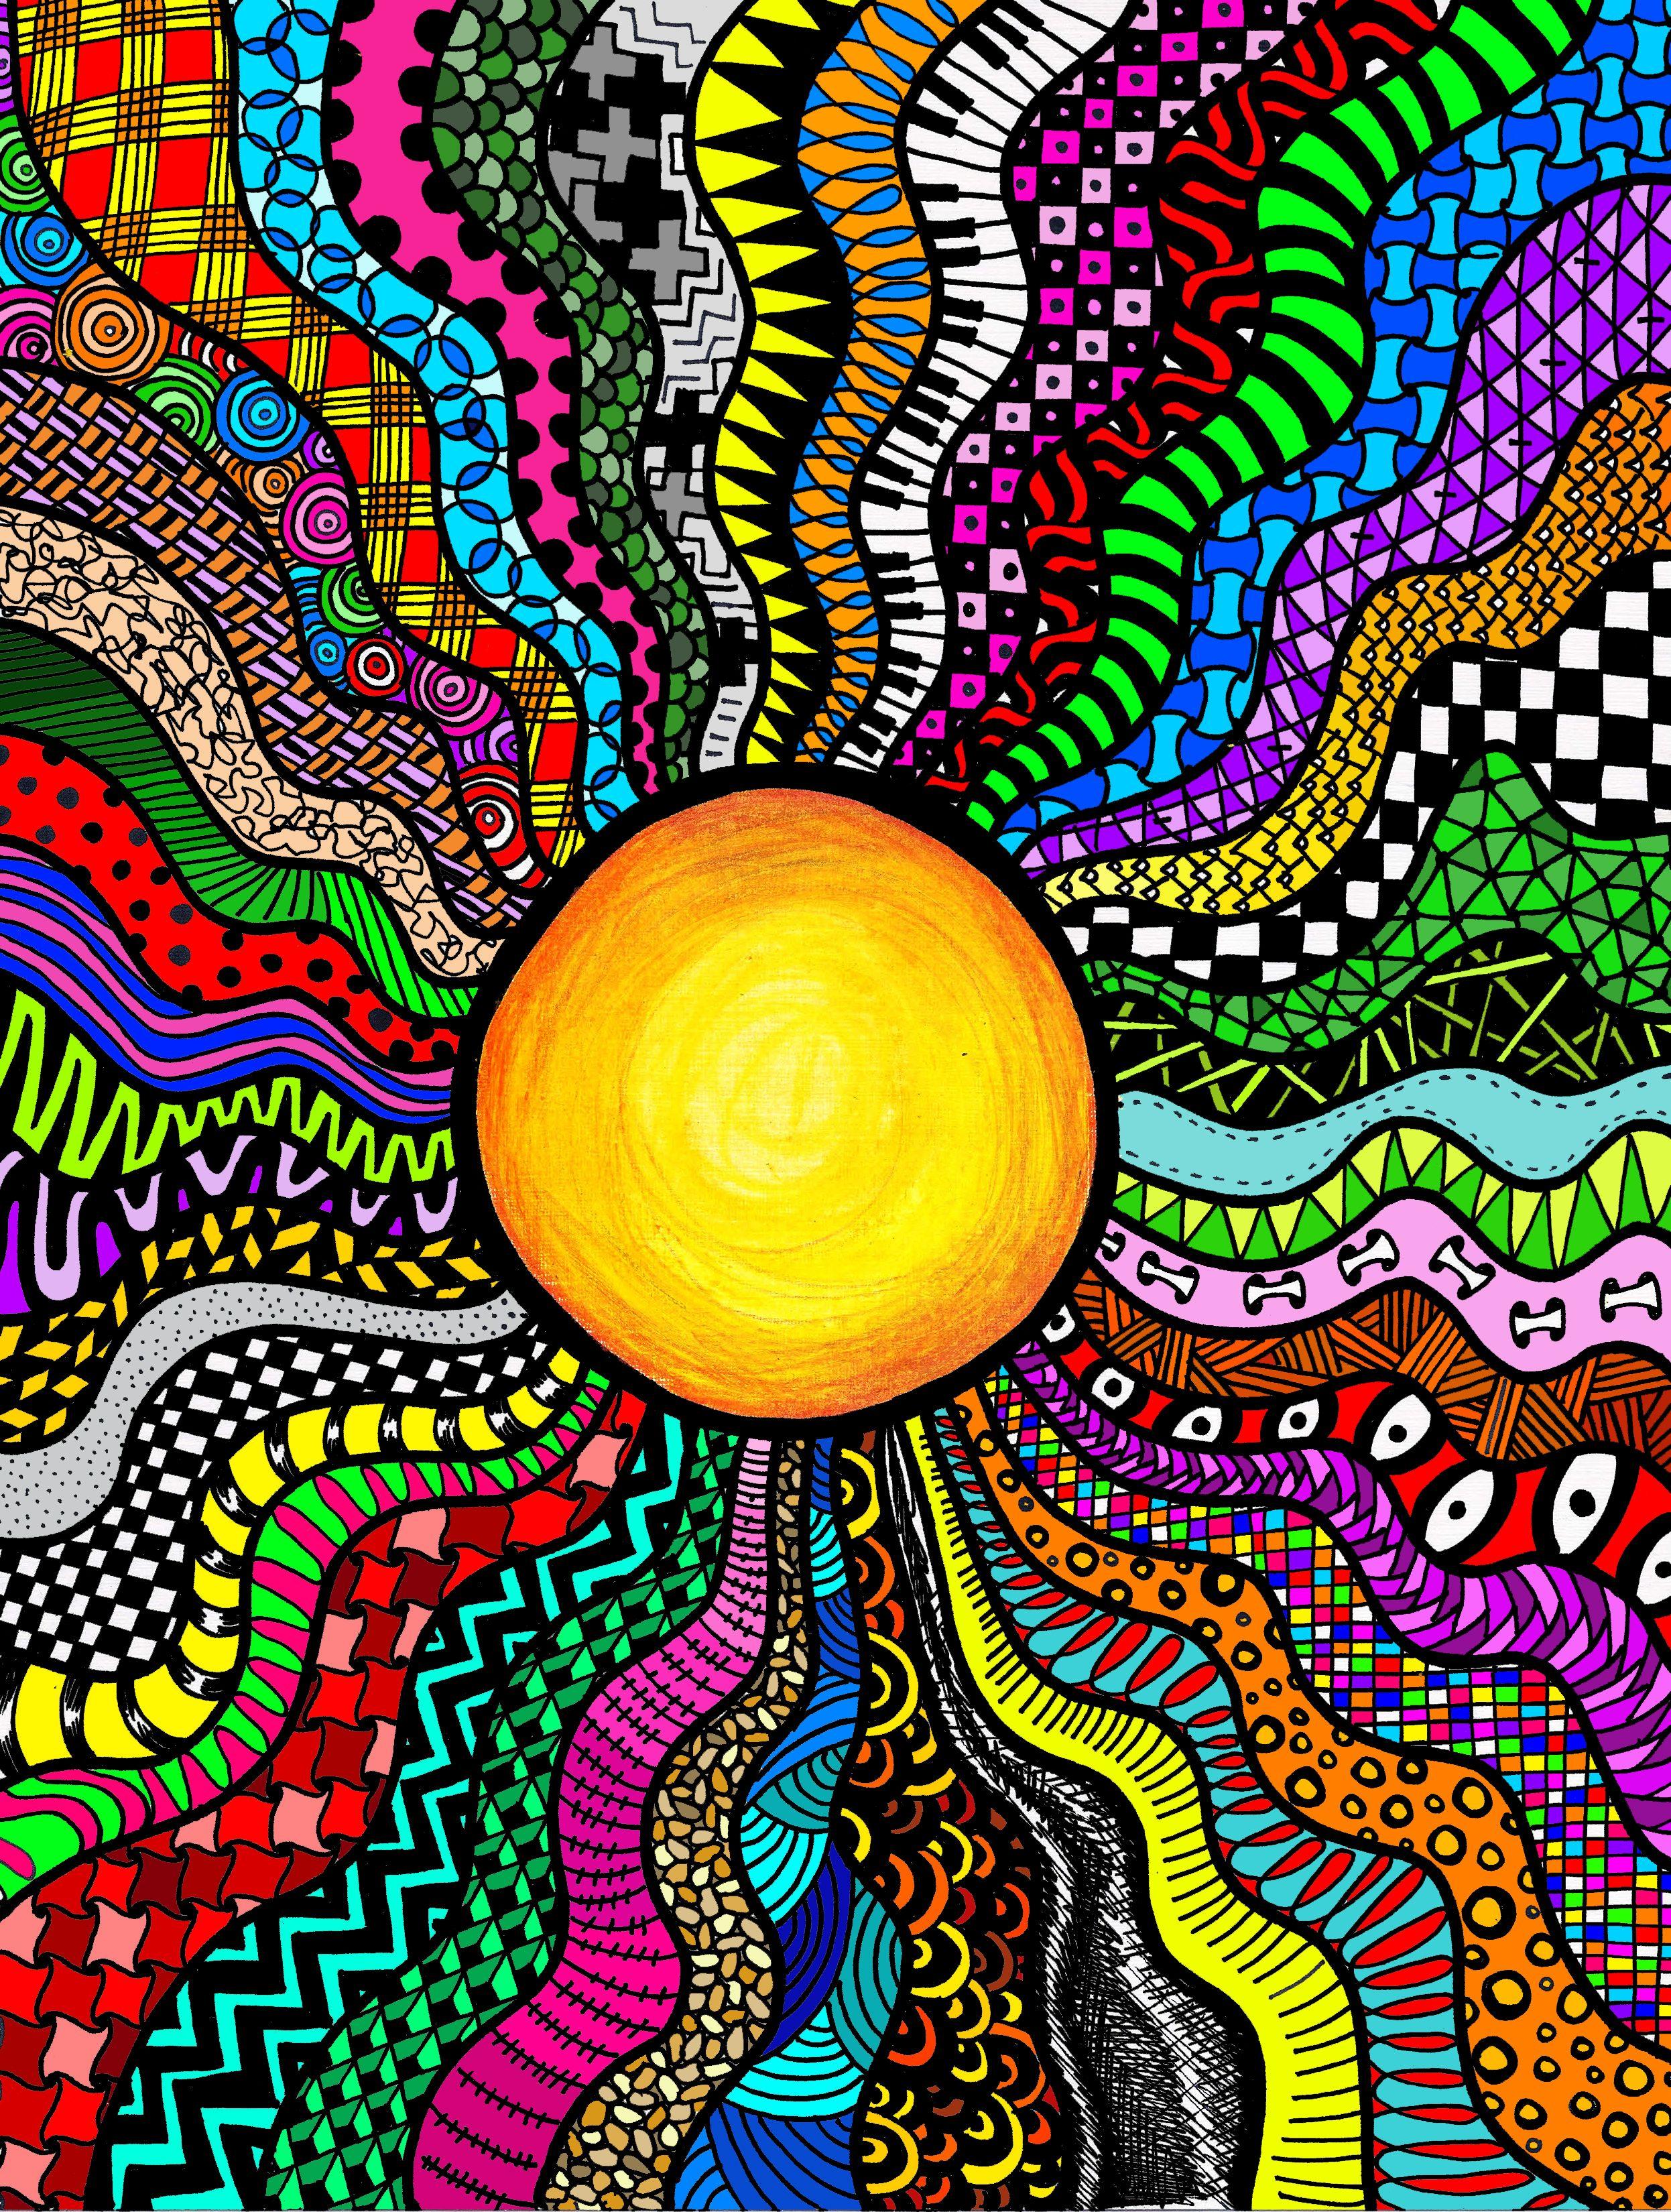 Zen doodle colour - Colored Suntangle By Laura Bern Rdez Suntangle Zentangle Doodle Zendoodle